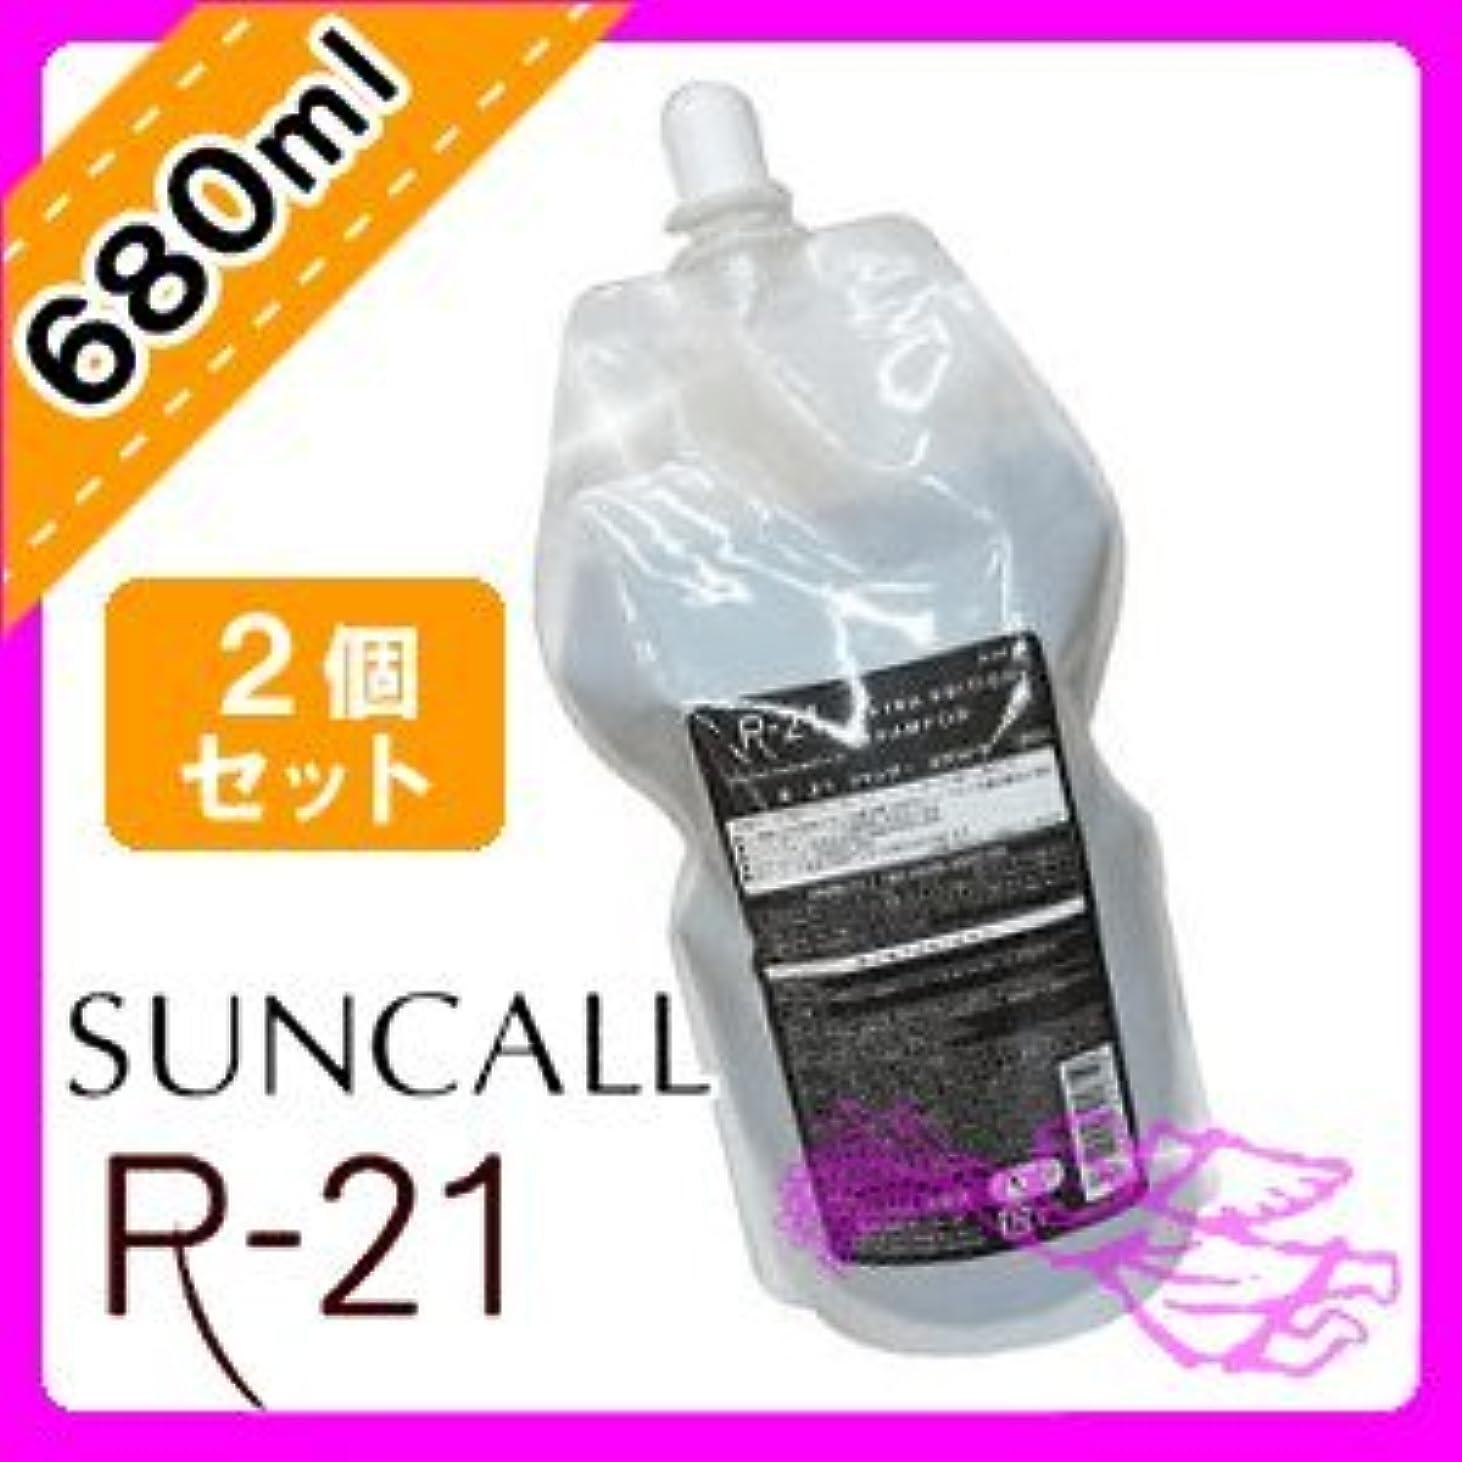 グリース販売員適合するサンコール R-21 シャンプー エクストラ 680mL × 2個 セット 詰め替え用 より、ハリ?コシ感のあるすこやかな髪に SUNCALL R-21